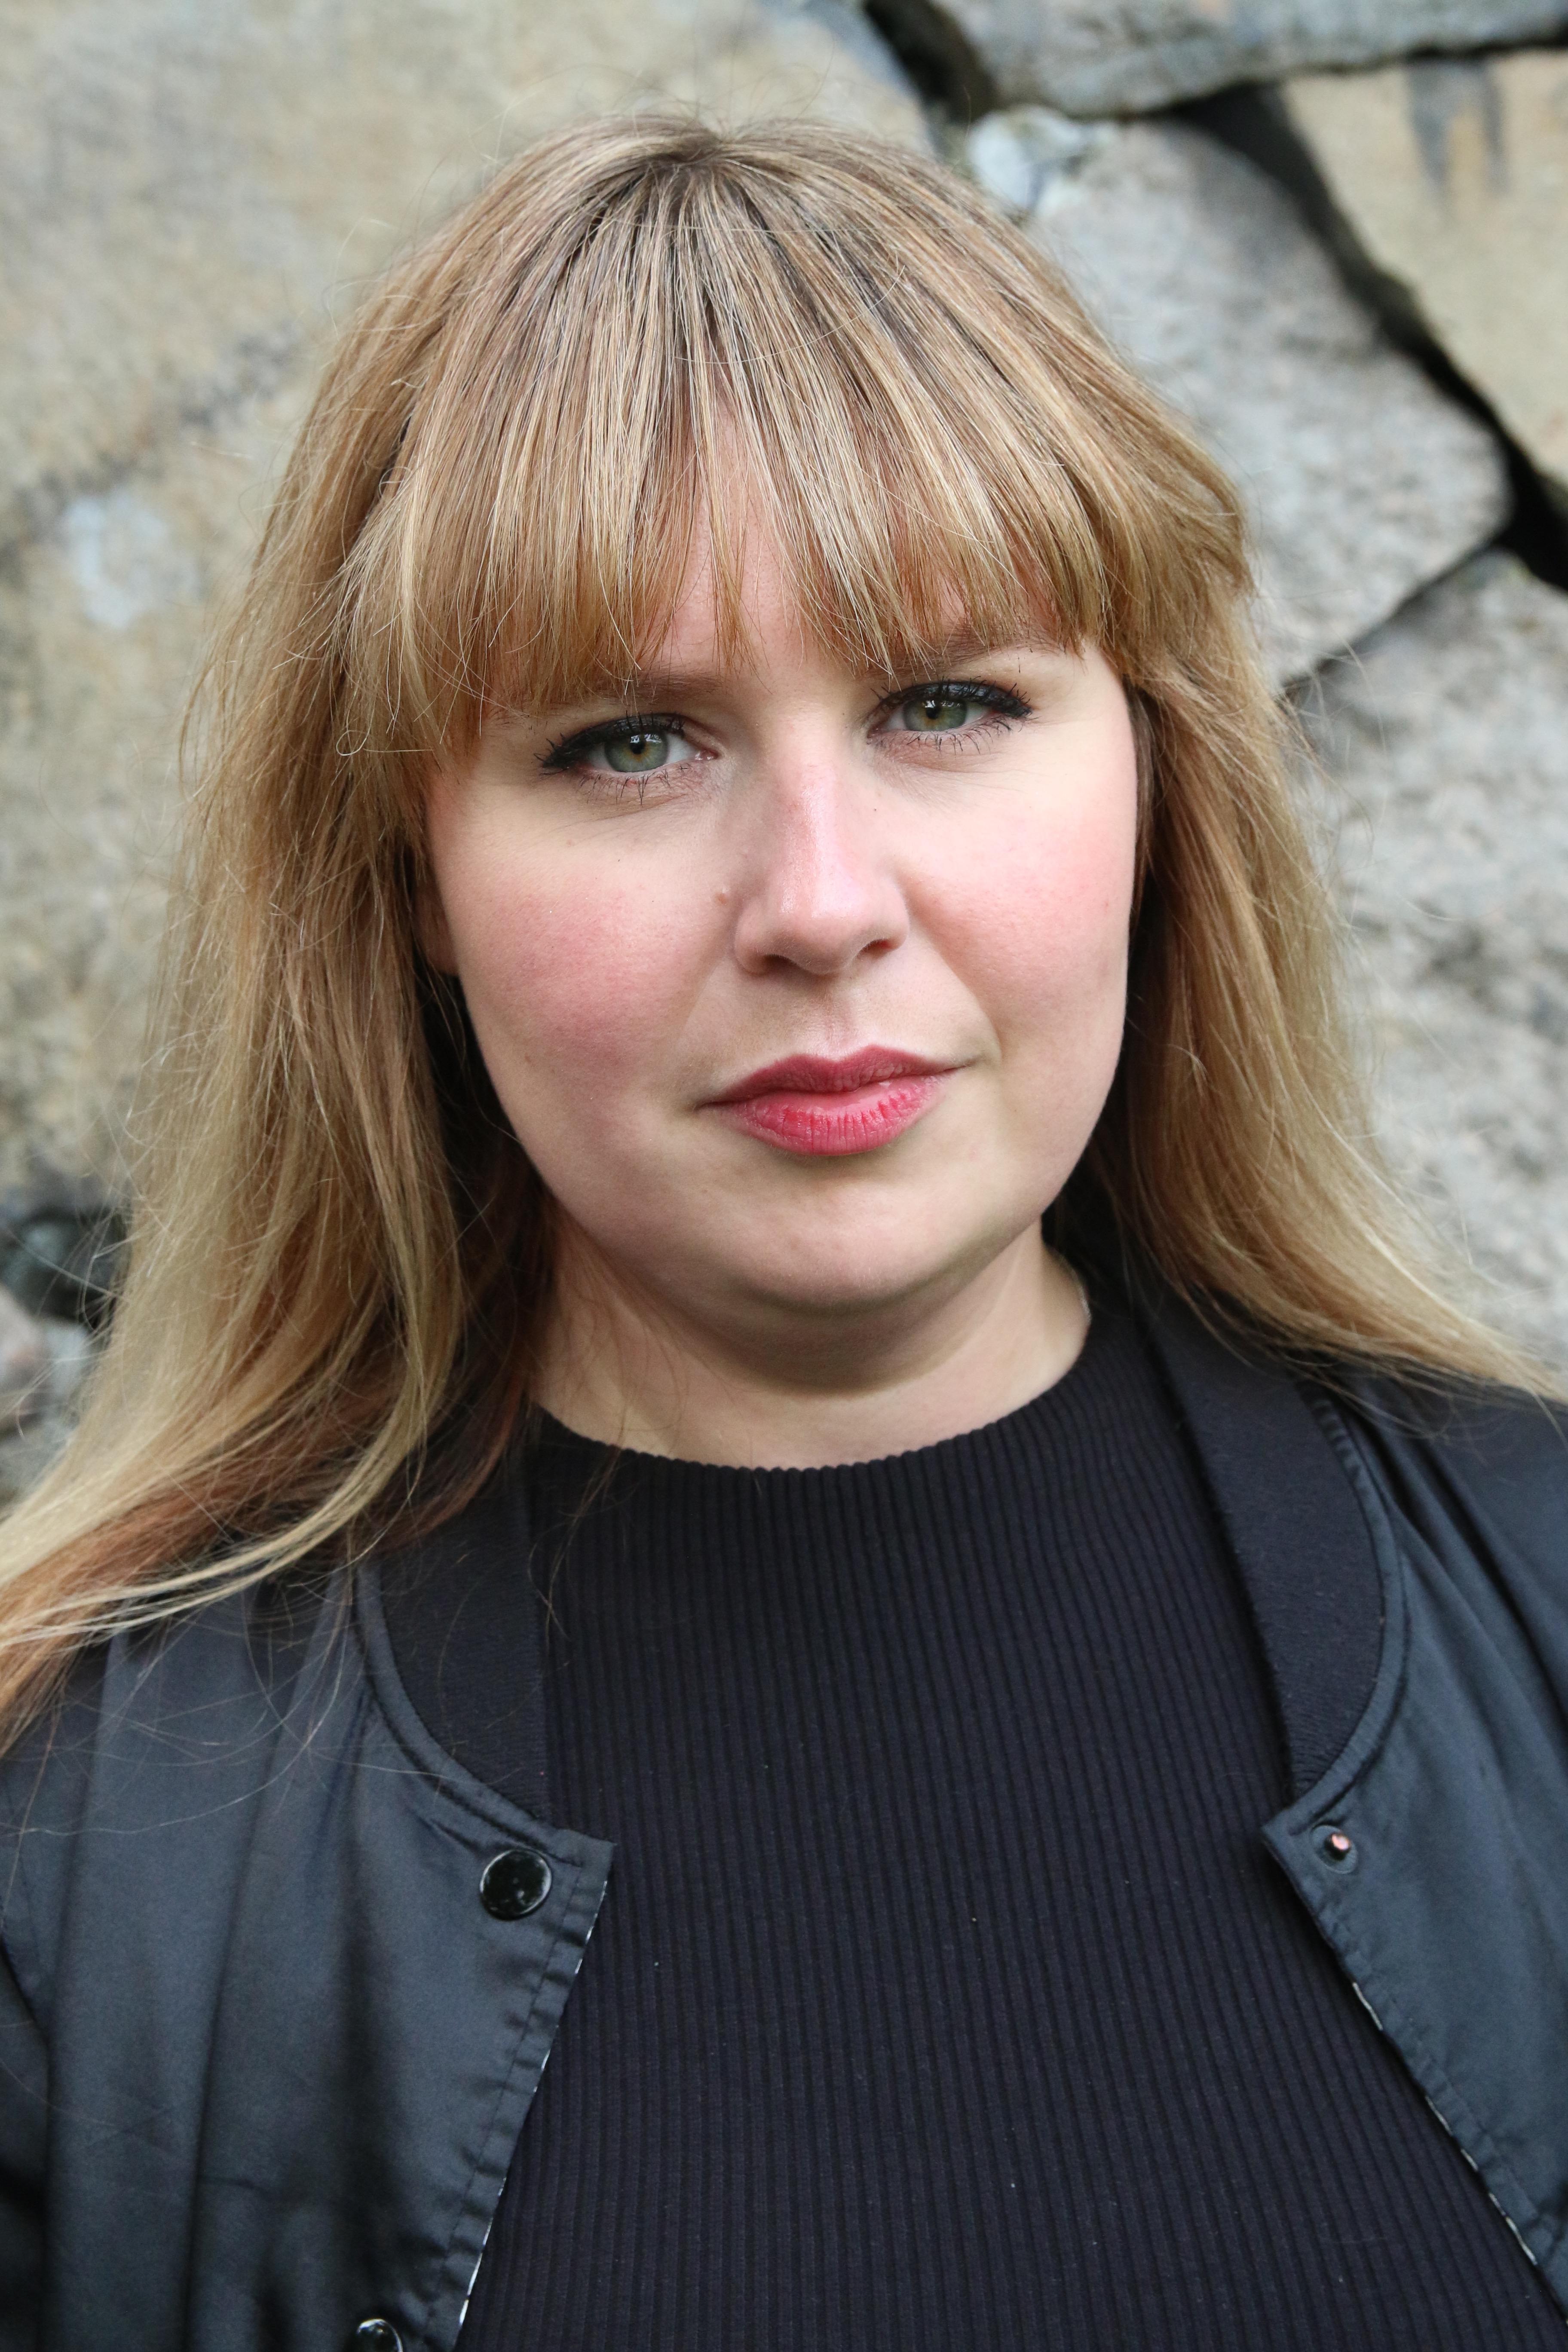 Malin, kommunikatör, har ljust långt hår med lugg, en svart tröja med en svart jacka över. Hon tittar in i kameran. I bakgrunden är en stenmur.